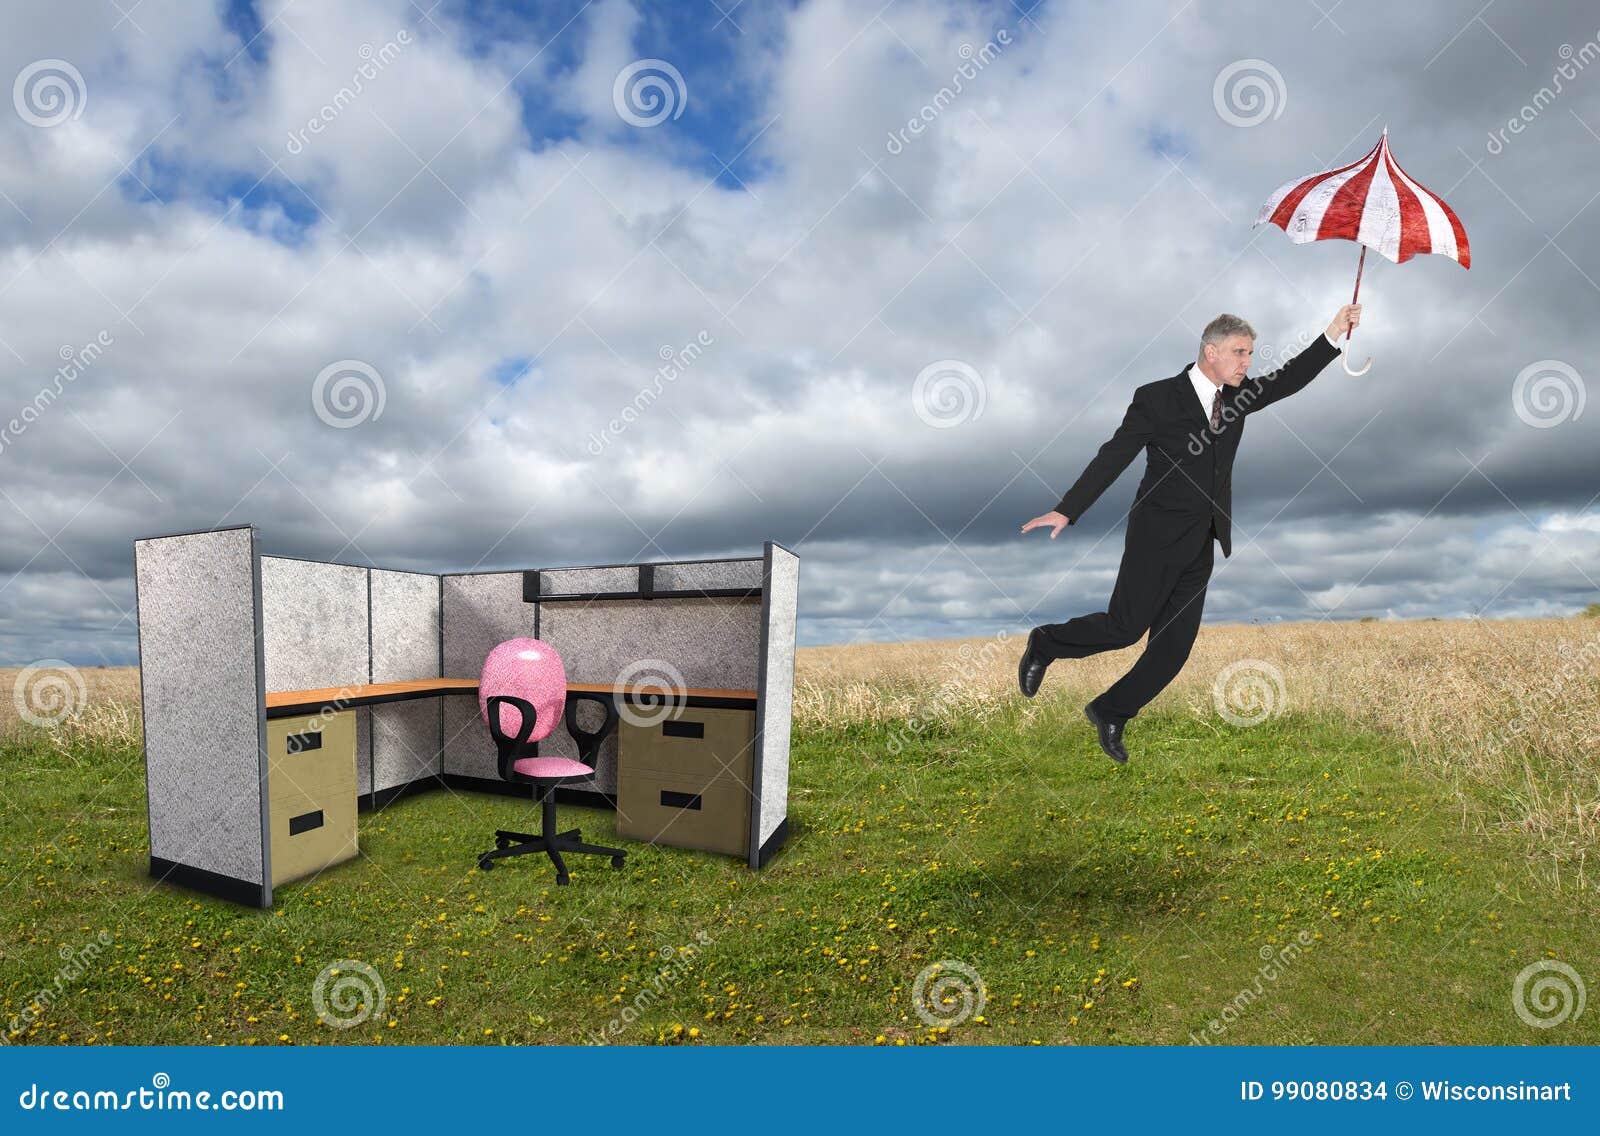 Cubicolo Dell 39 Ufficio Di Affari Cubo Vendite Vendita